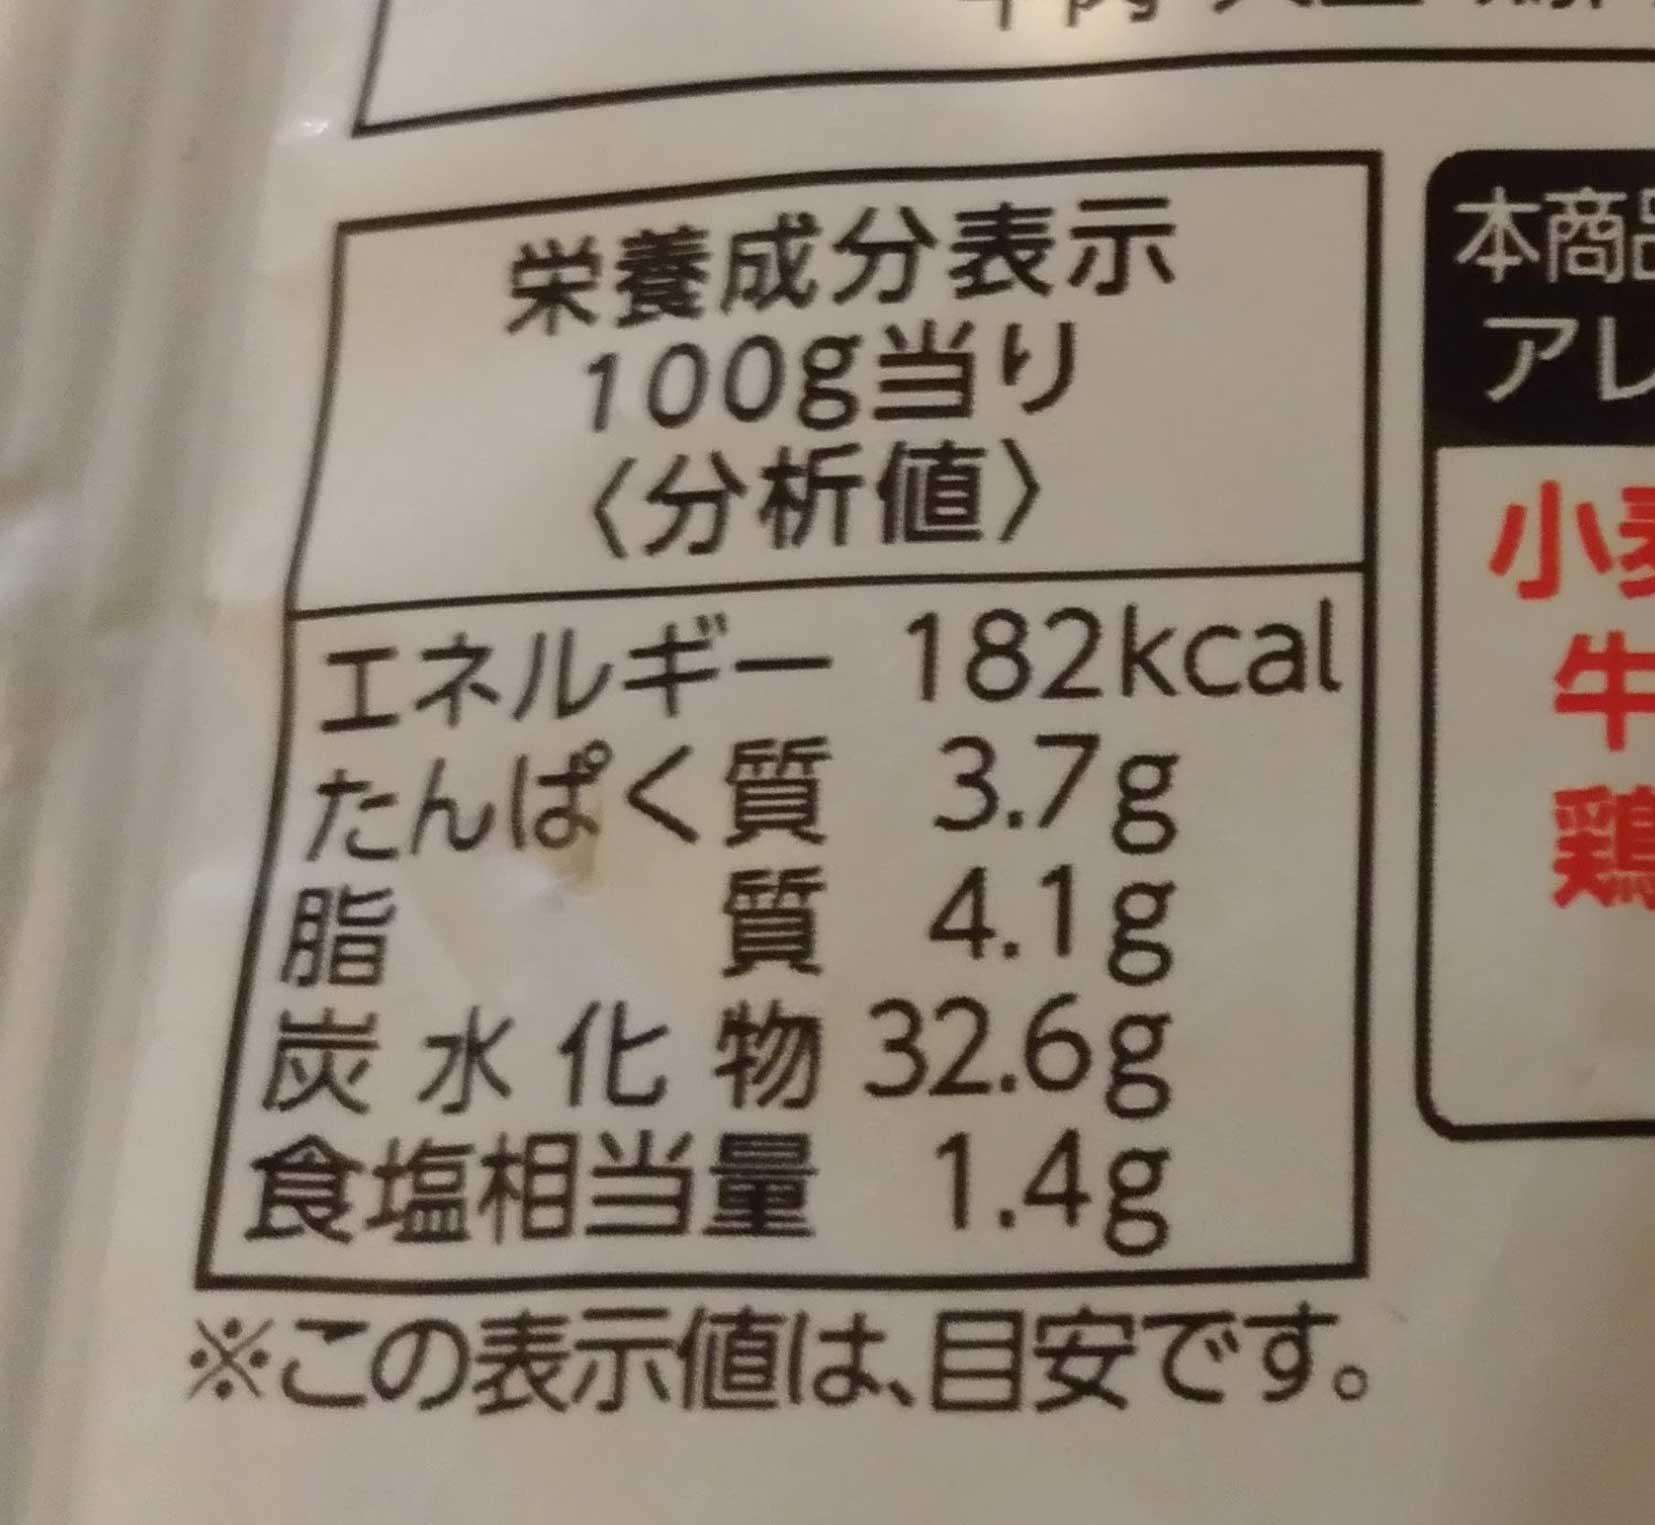 例えばこんな栄養成分表示ありますよね